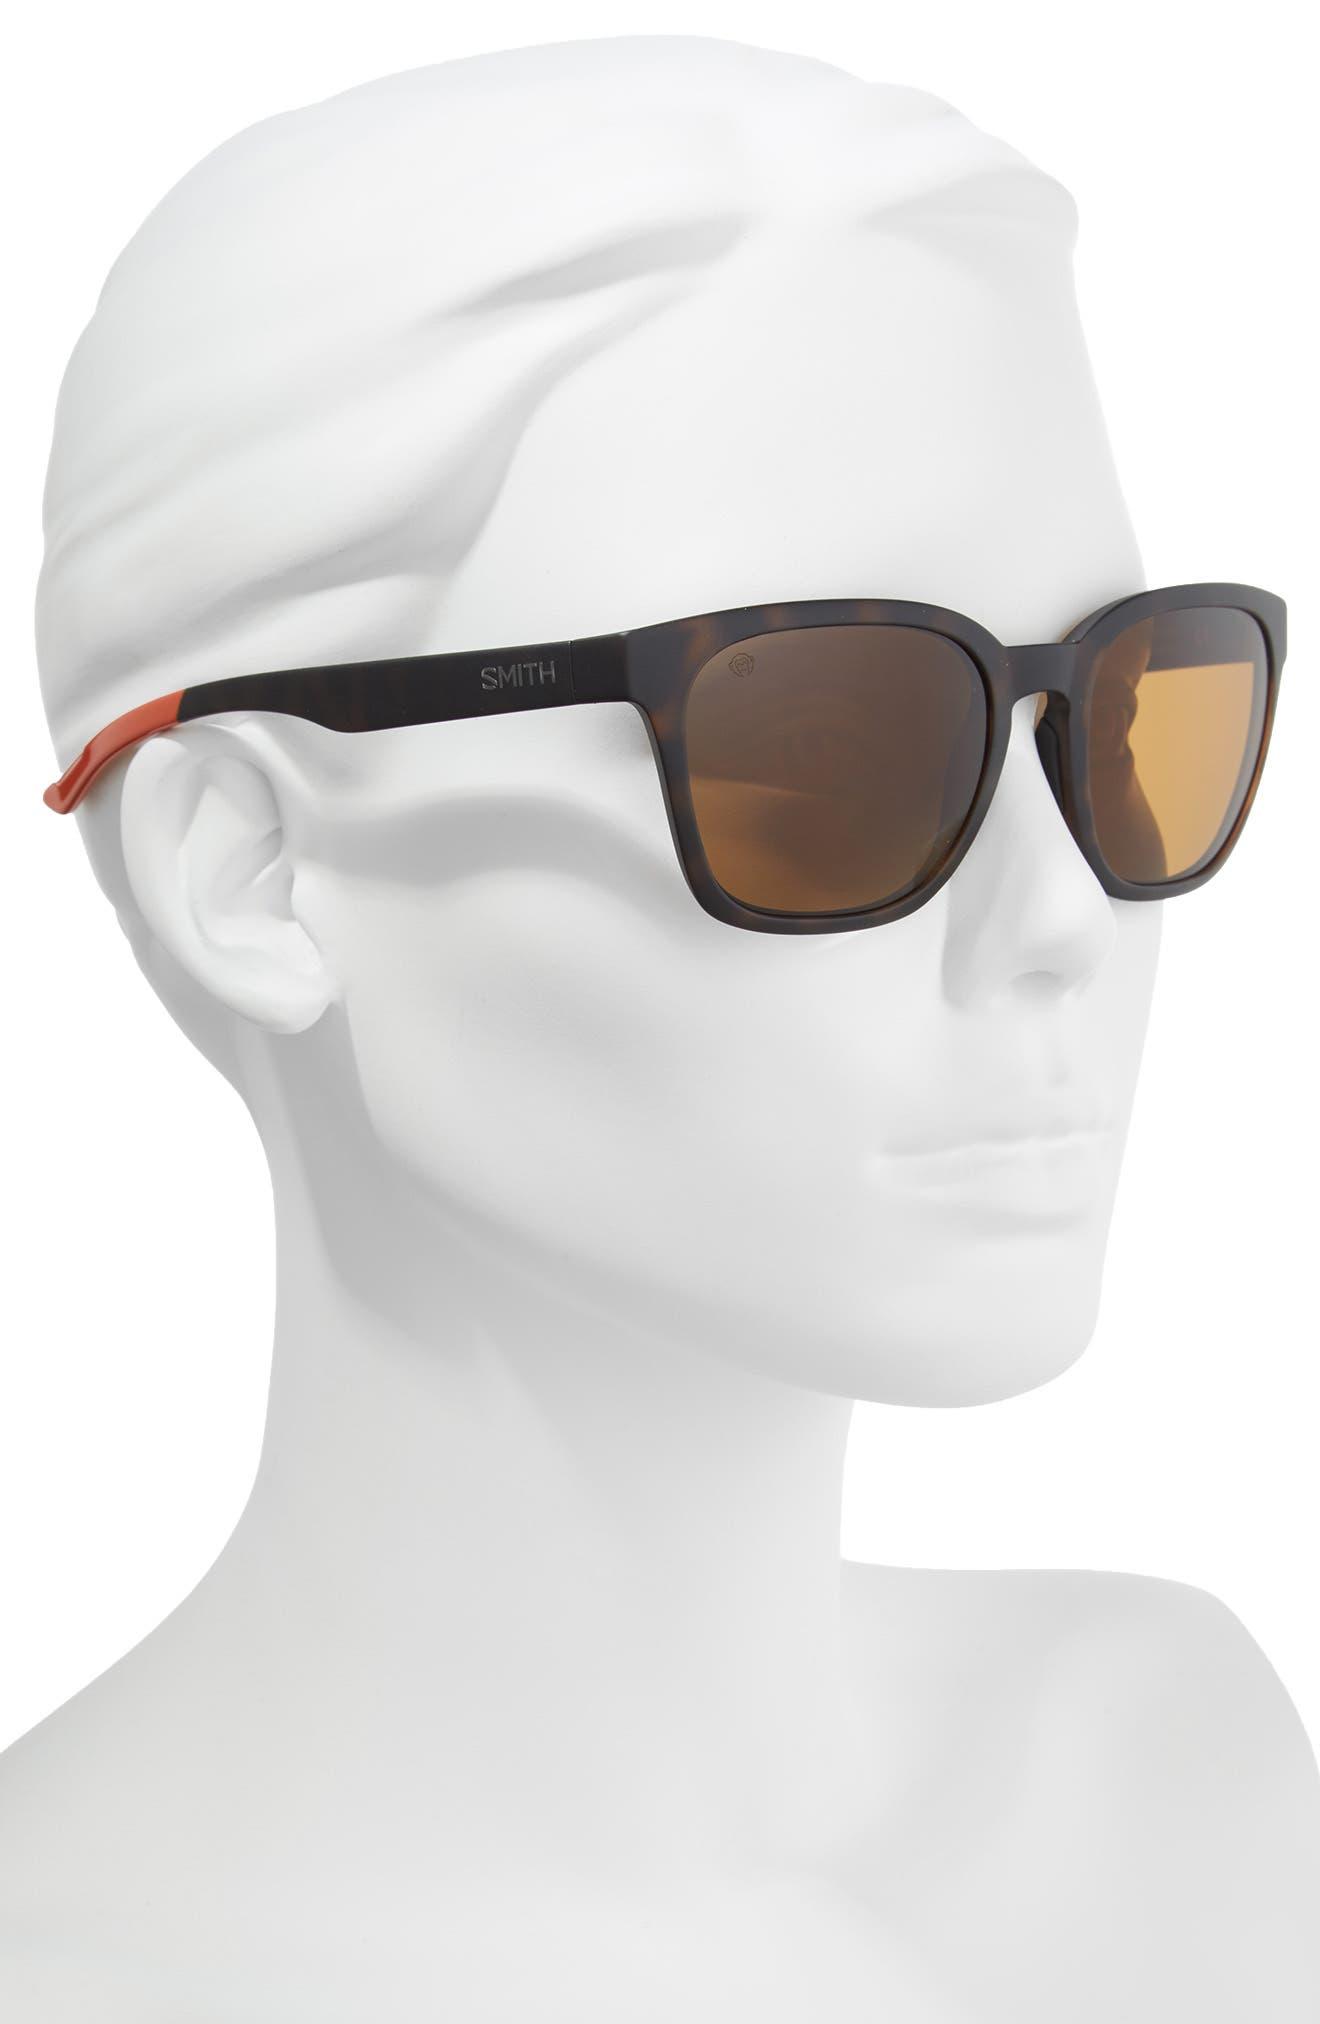 Founder 56mm ChromaPop Polarized Sunglasses,                             Alternate thumbnail 2, color,                             Howler Matte Tortoise